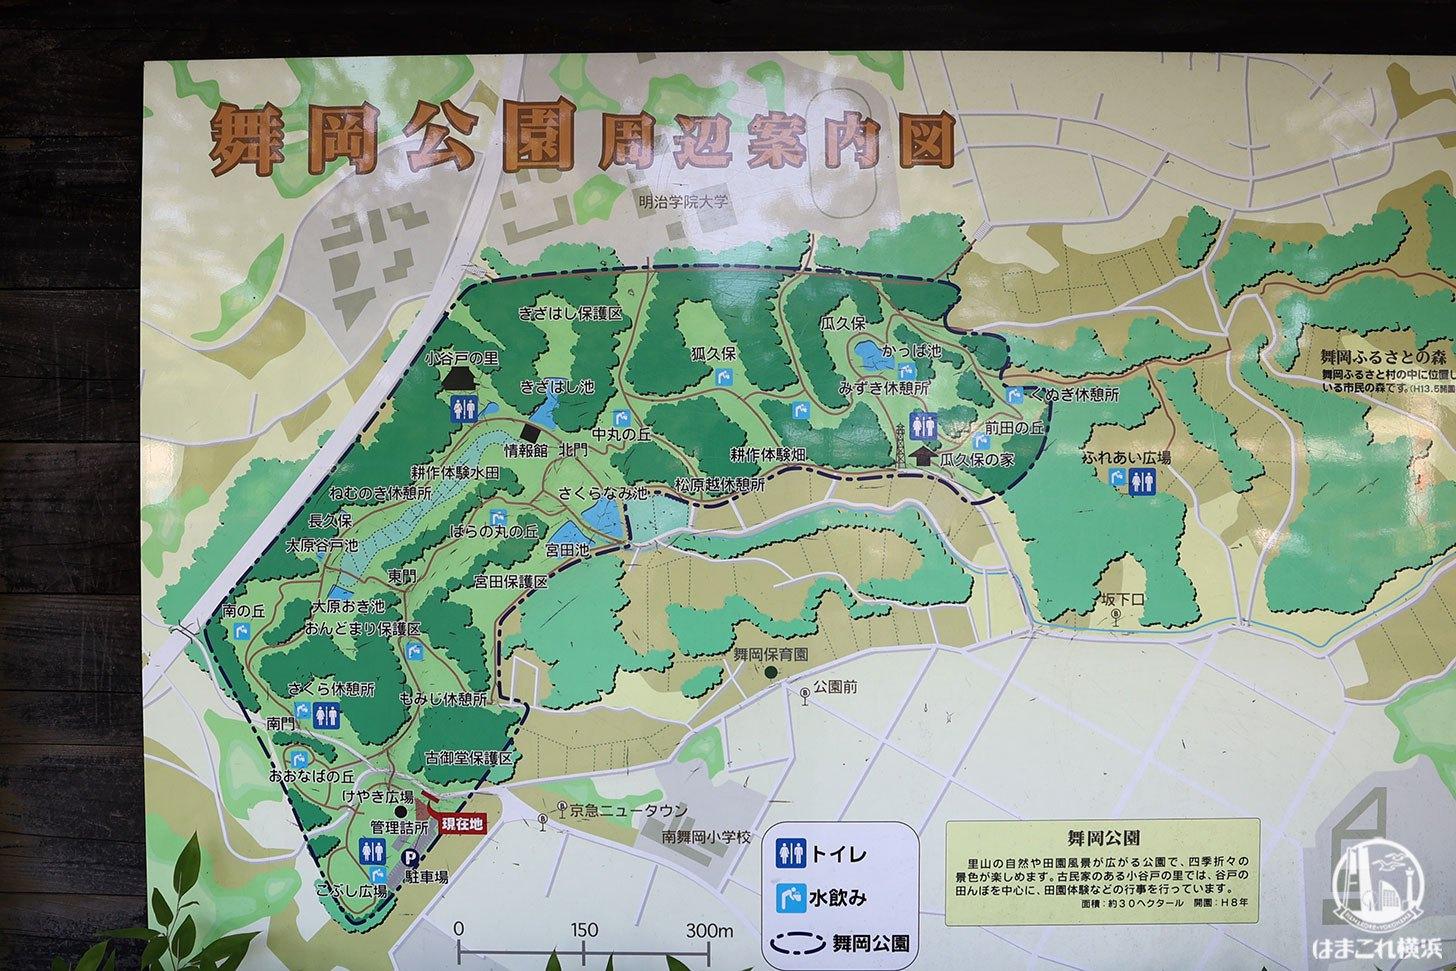 舞岡公園 案内マップ